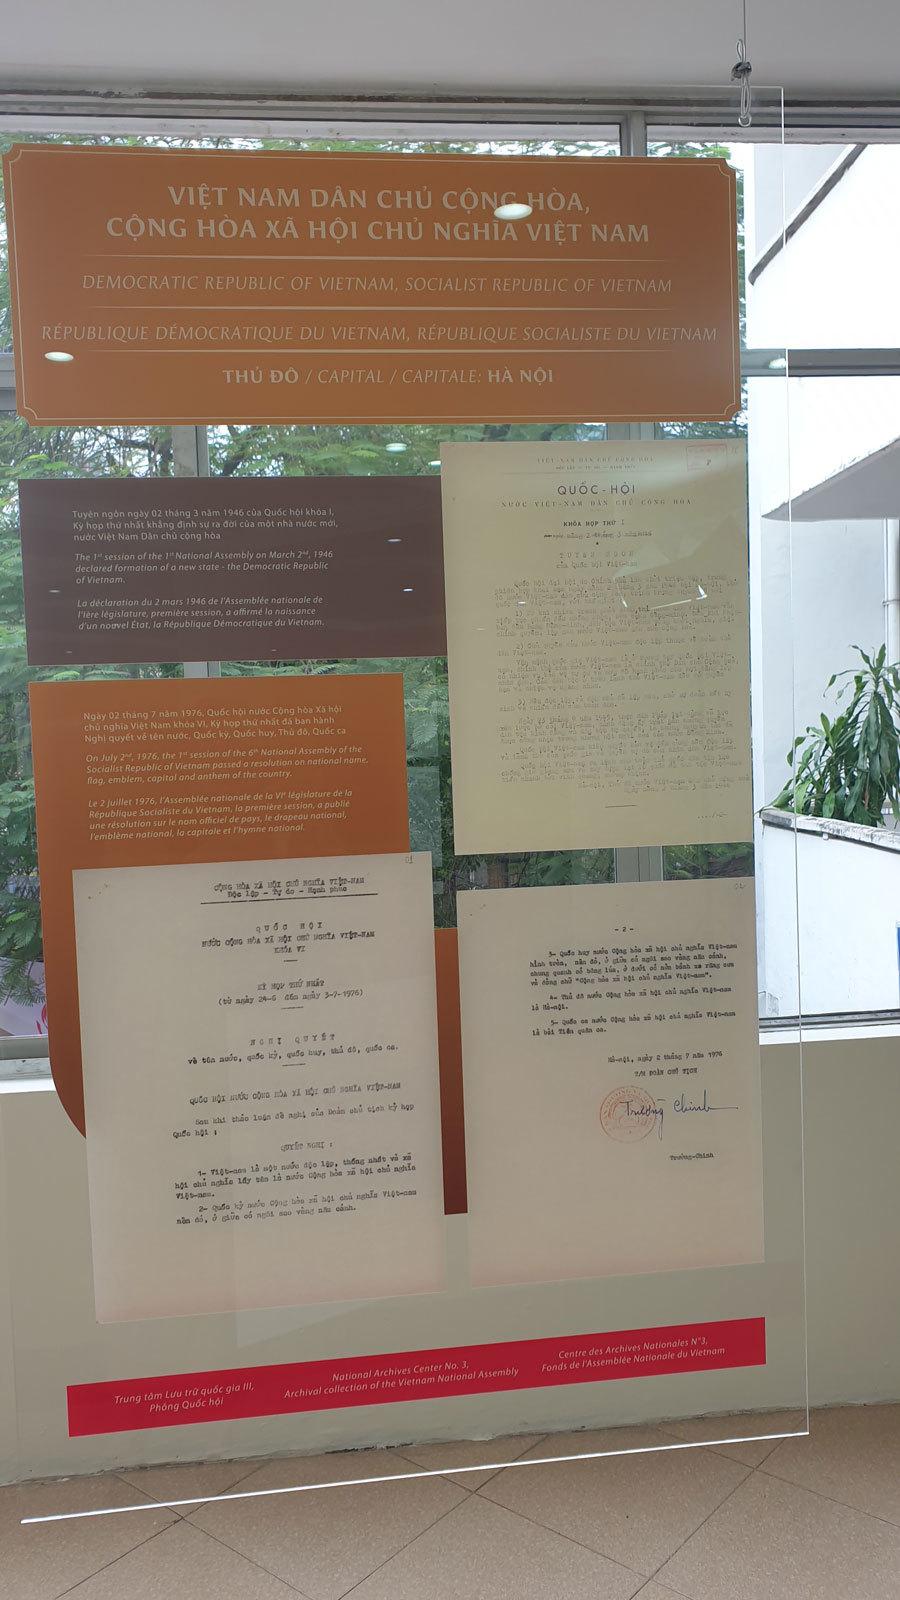 Trưng bày Quốc hiệu và Kinh đô nước Việt trong tài liệu lưu trữ